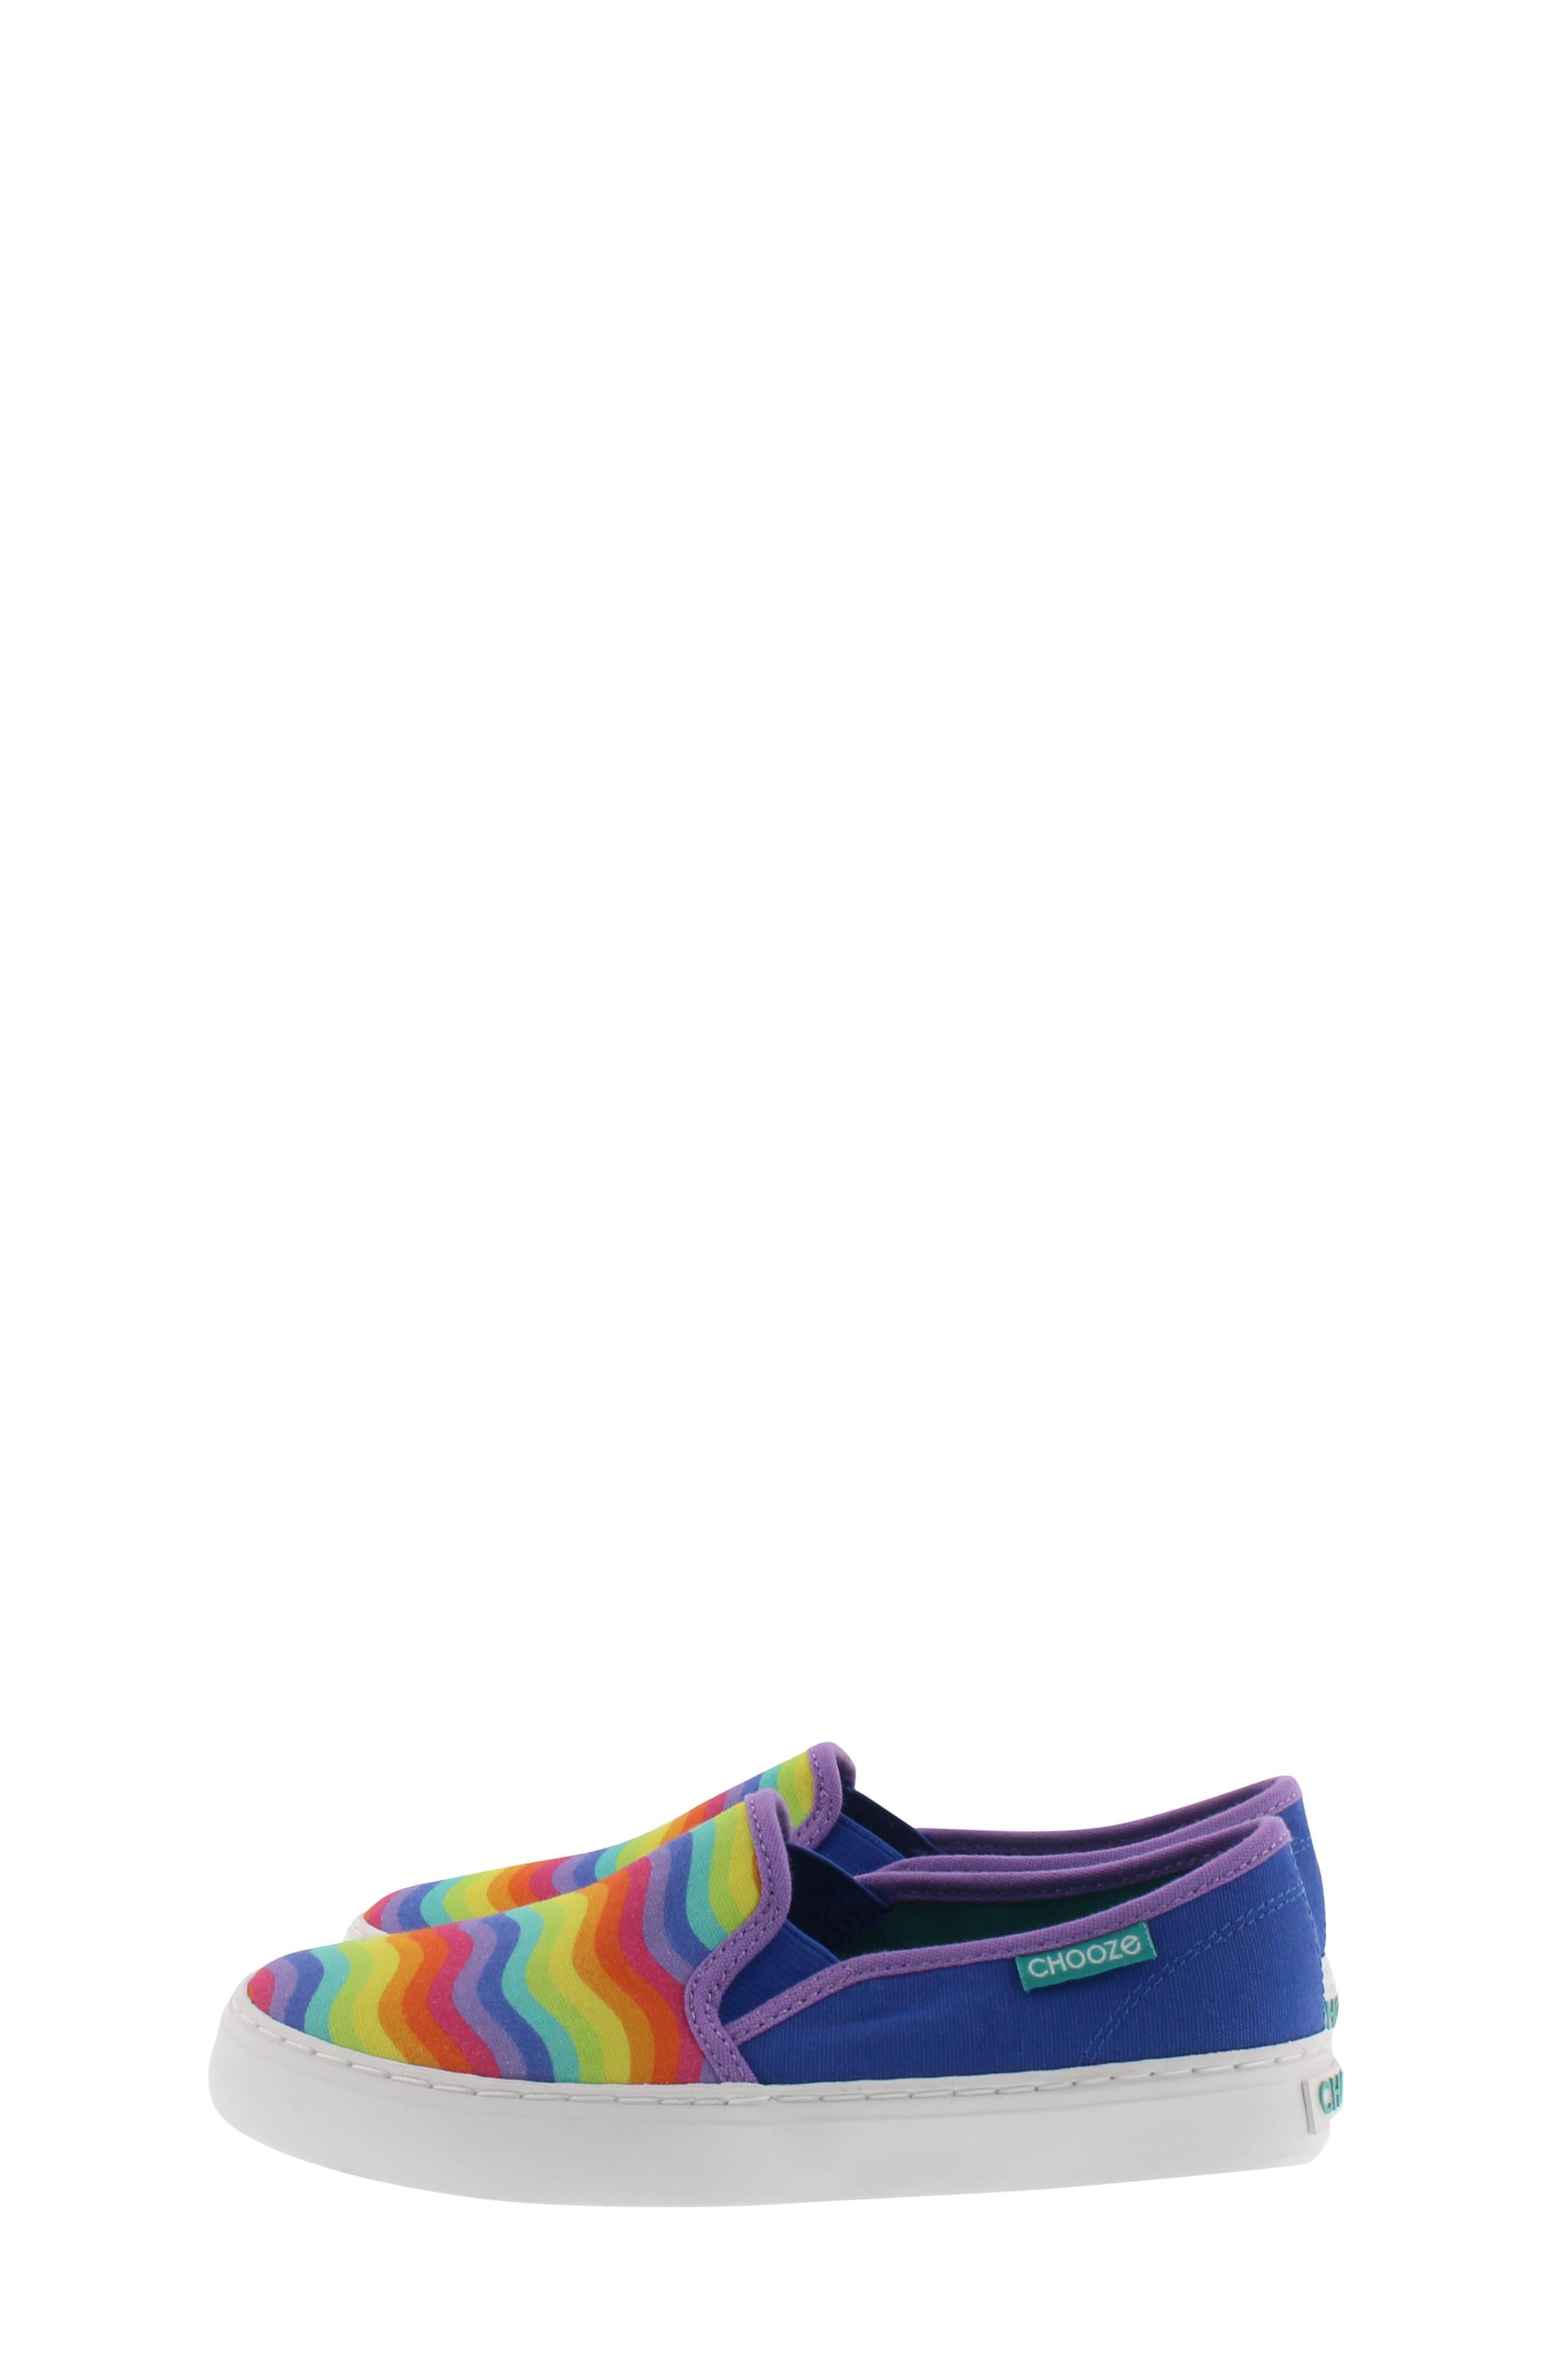 CHOOZE, Motion Slip-On Sneaker, Alternate thumbnail 3, color, BLUE MULTI